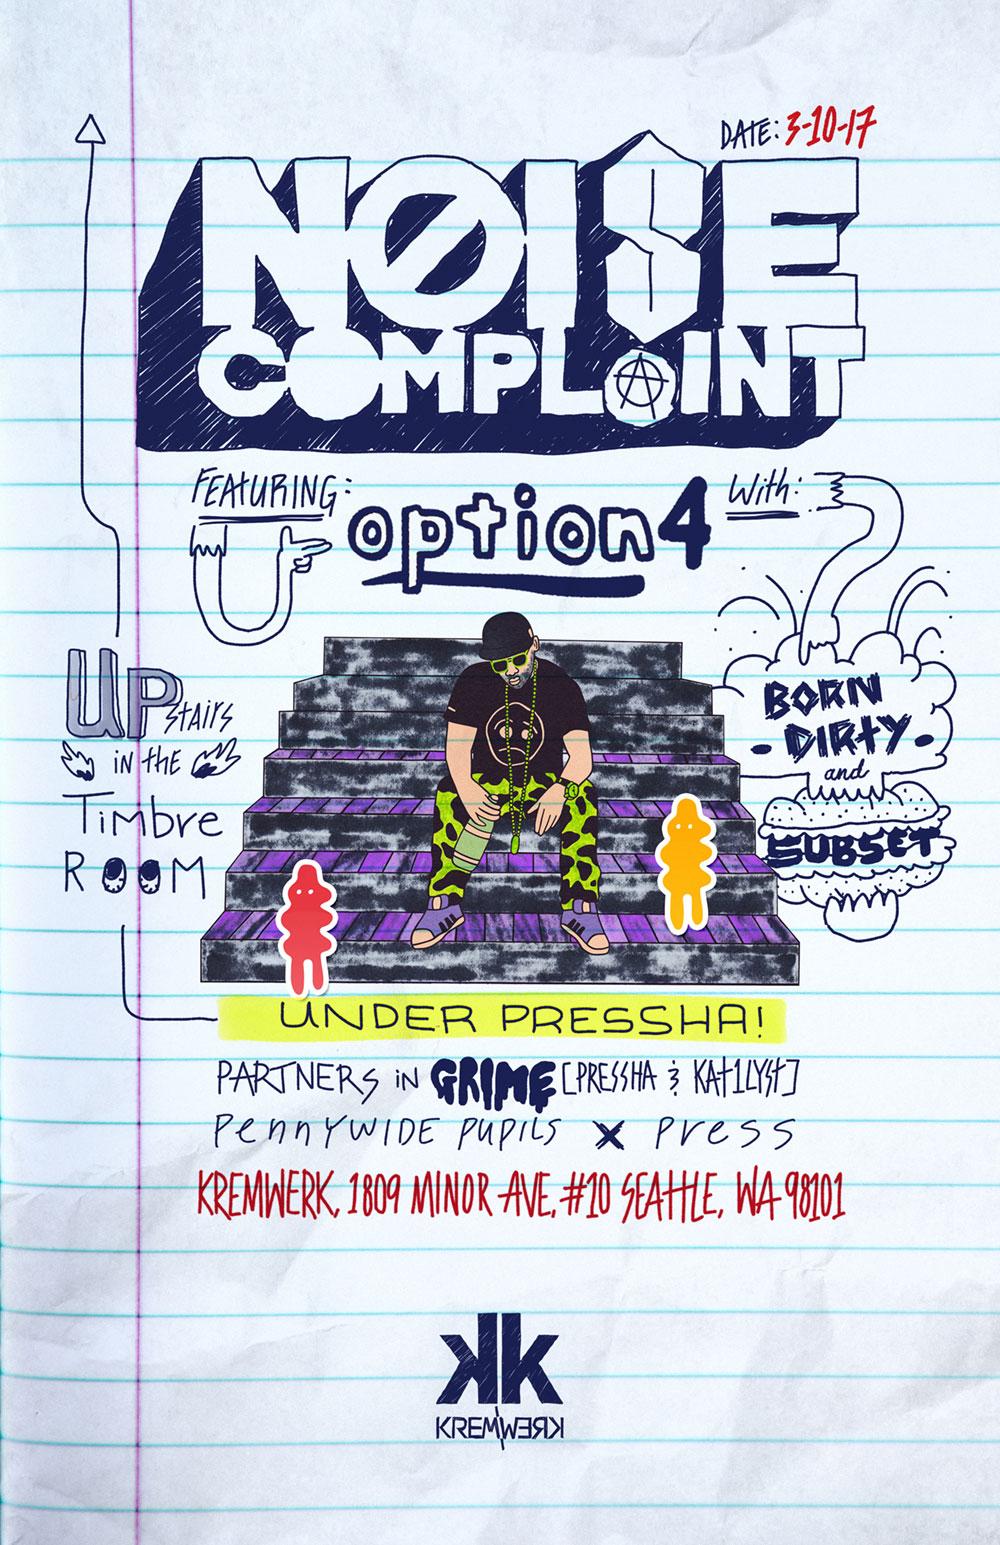 Flyer for Noise Complaint